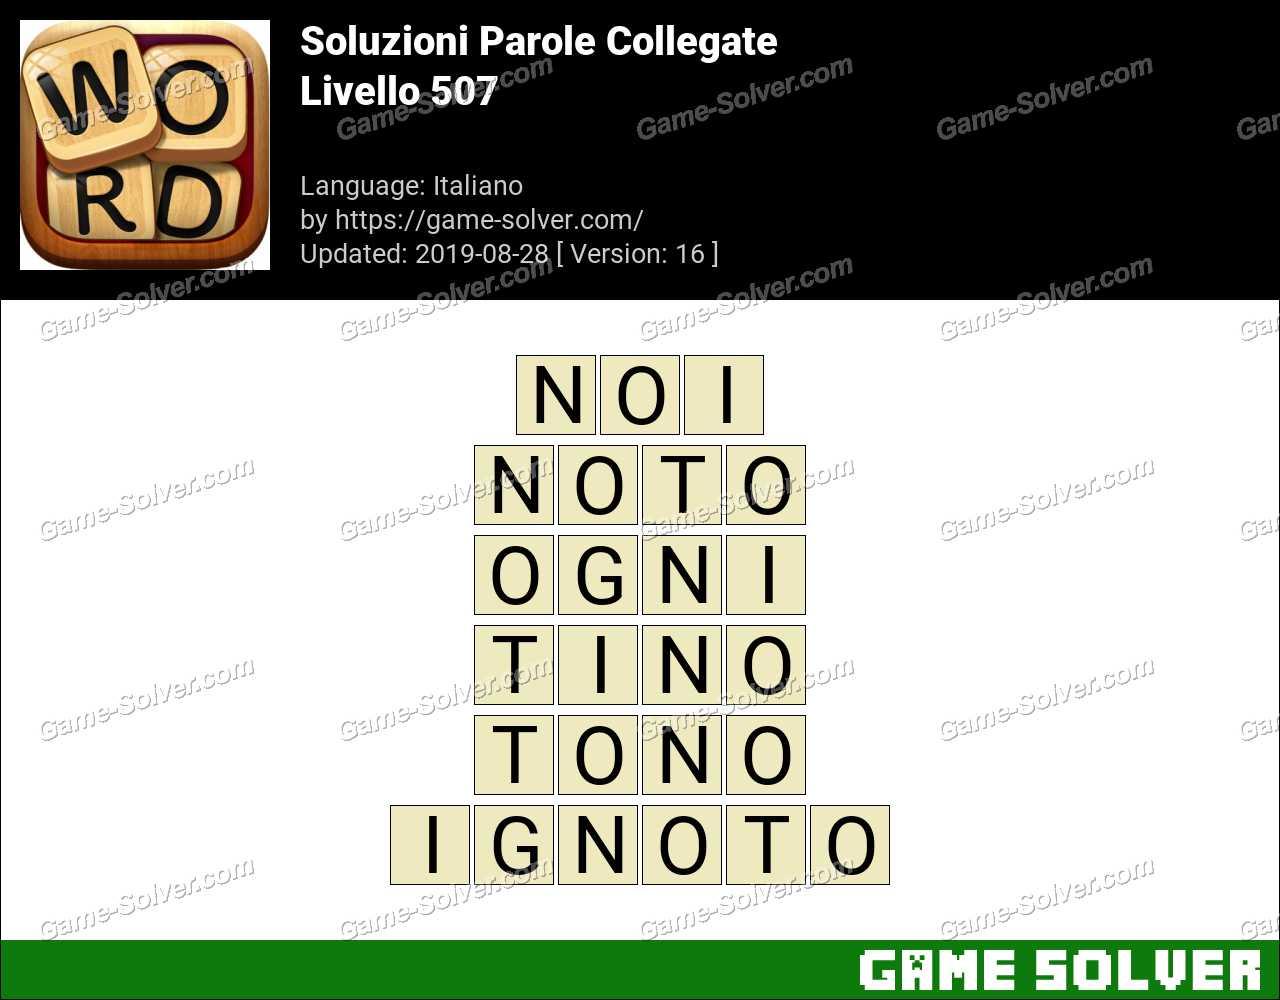 Soluzioni Parole Collegate Livello 507